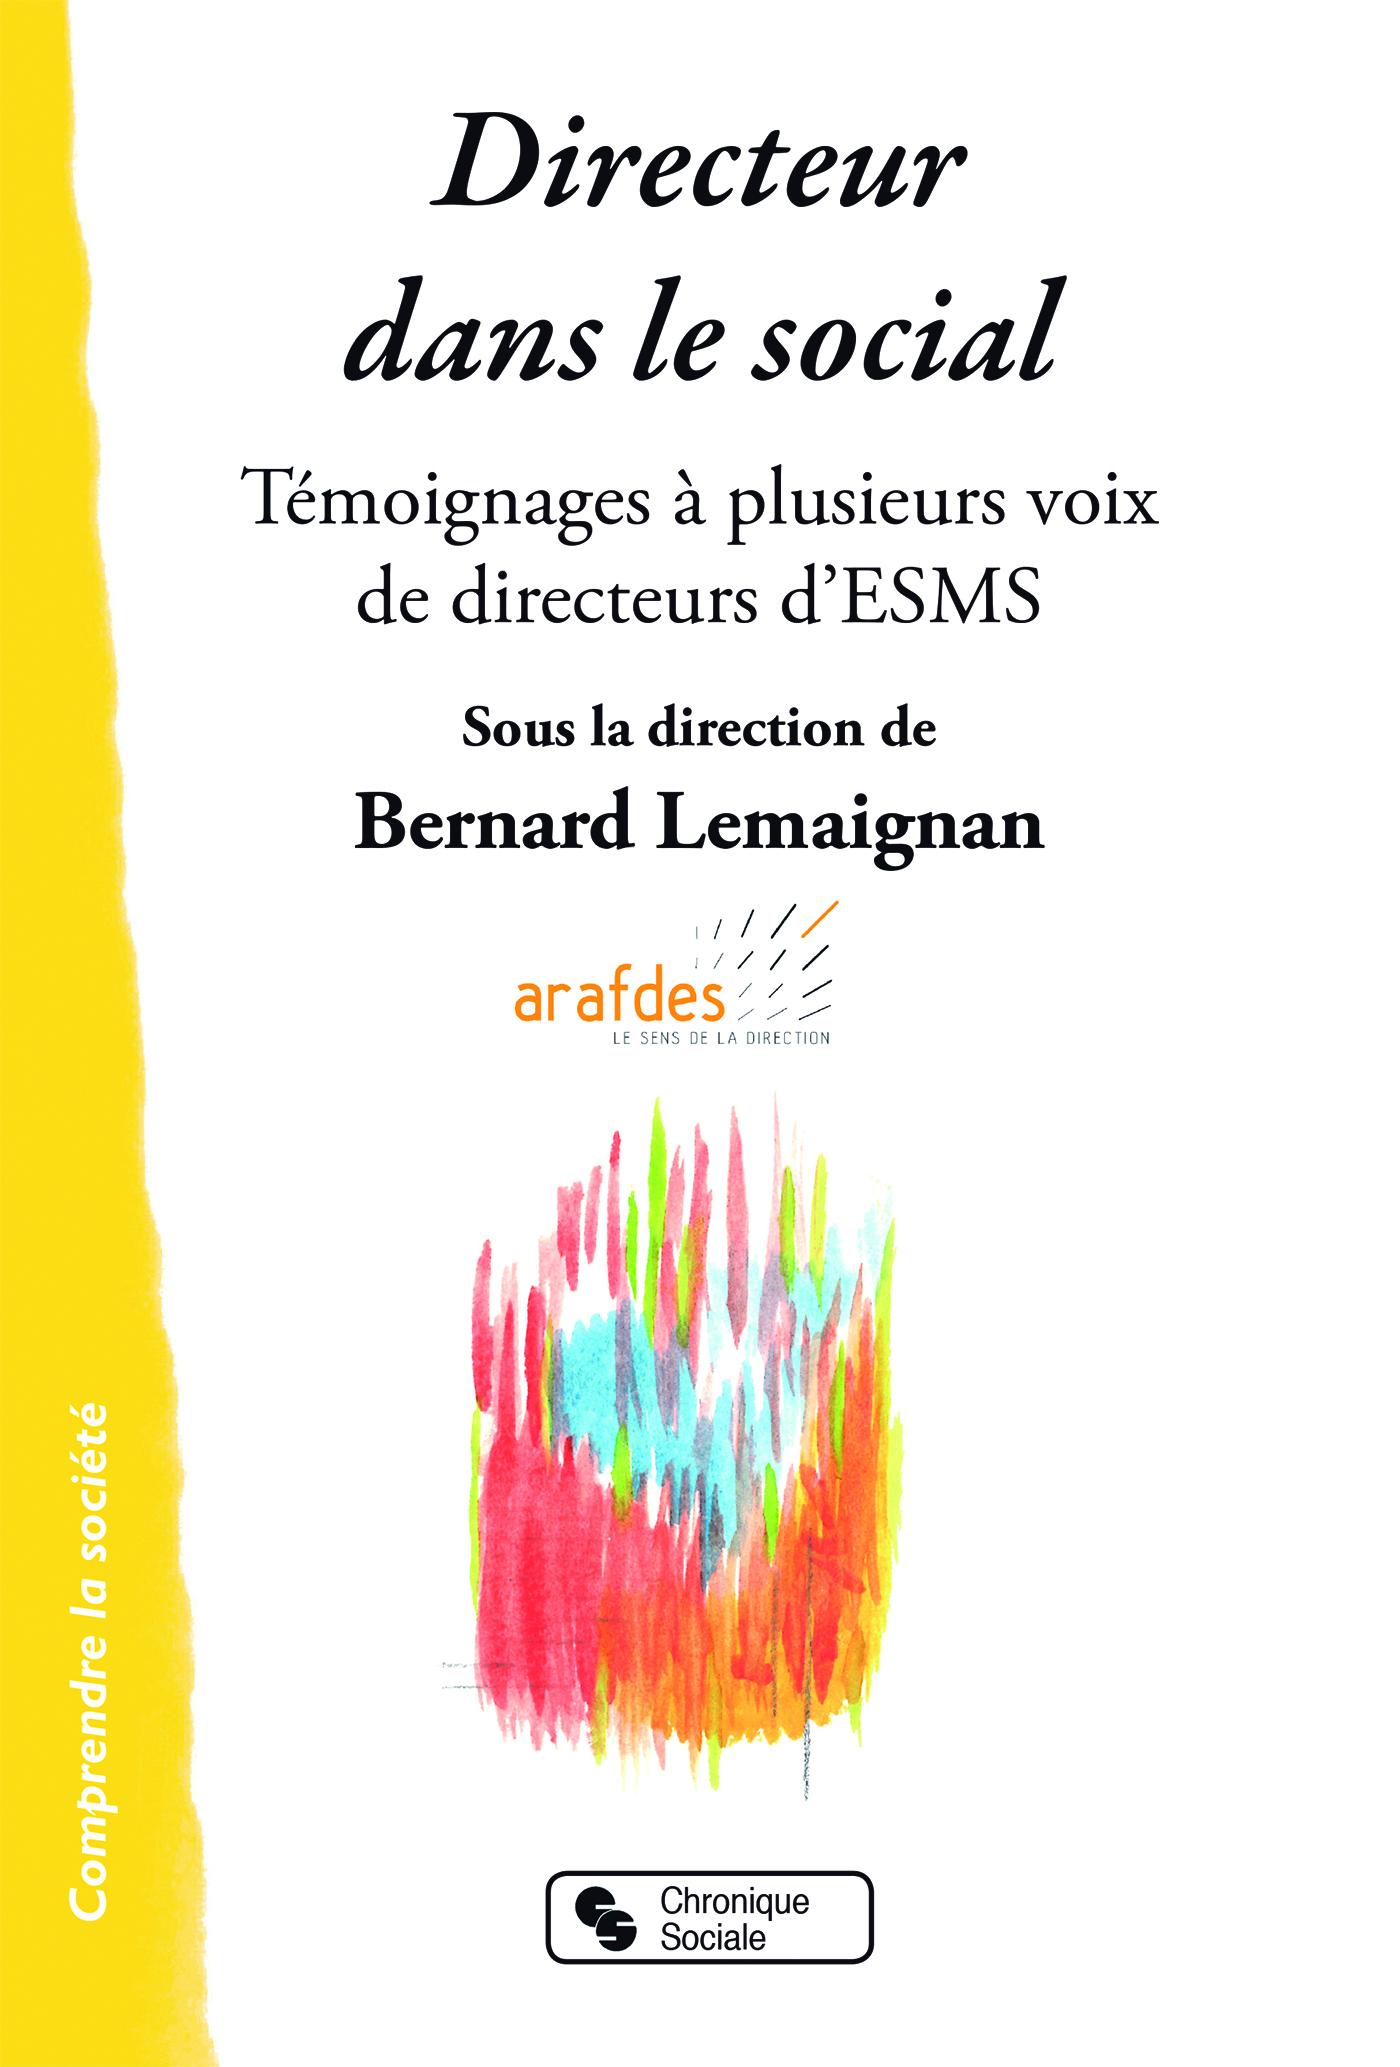 DIRECTEUR DANS LE SOCIAL - TEMOIGNAGES A PLUSIEURS VOIX DE DIRECTEURS D'ESMS